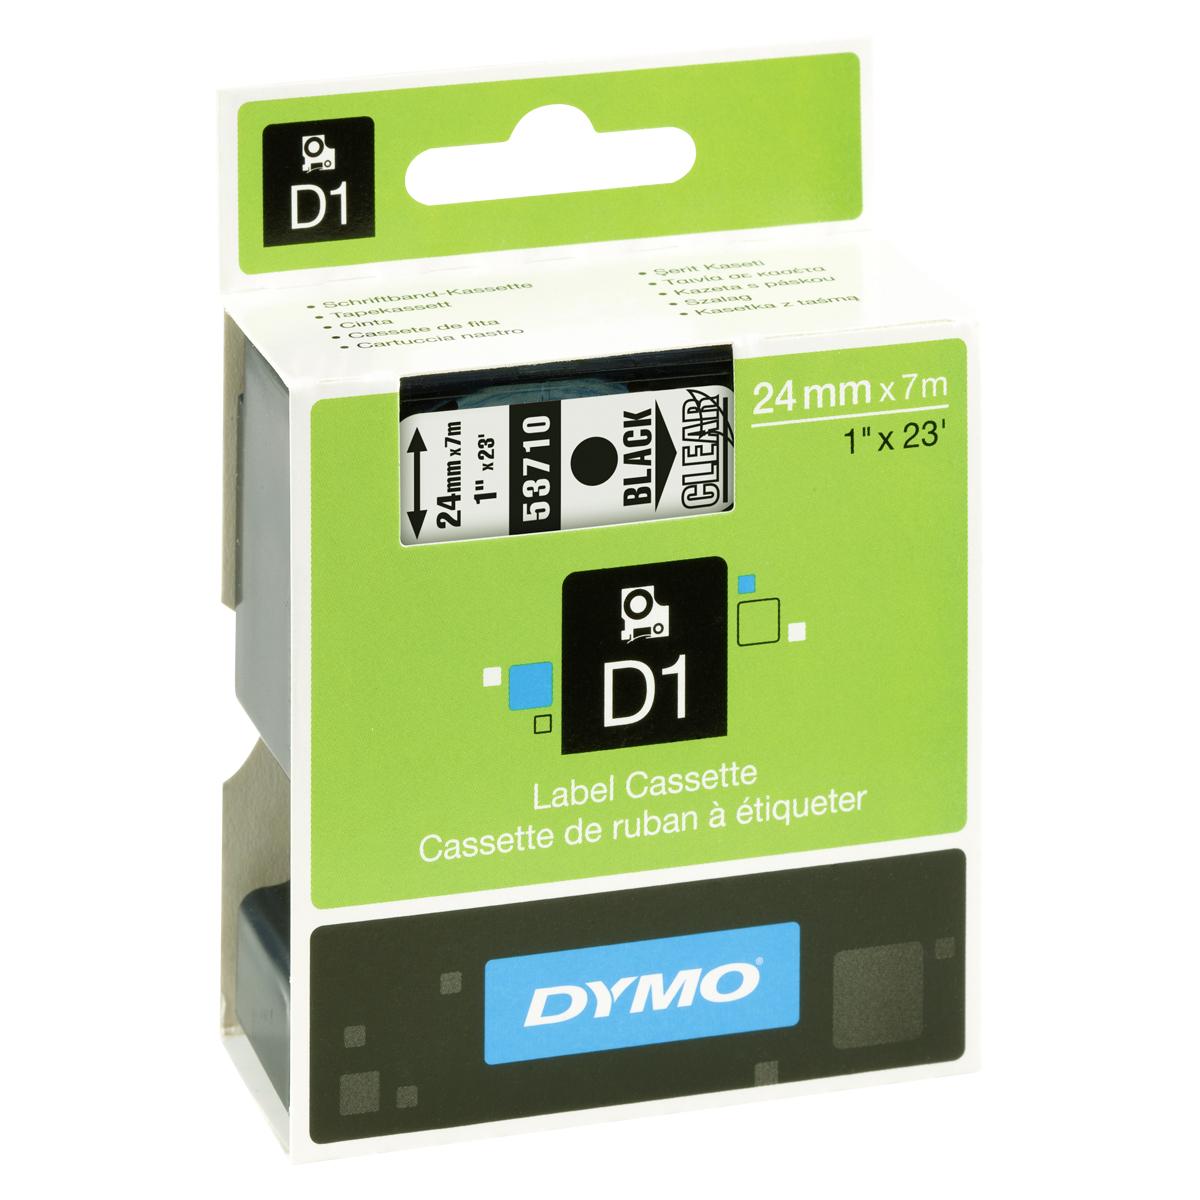 Dymo D1-Schriftband 24mm x 7m schwarz auf transparent